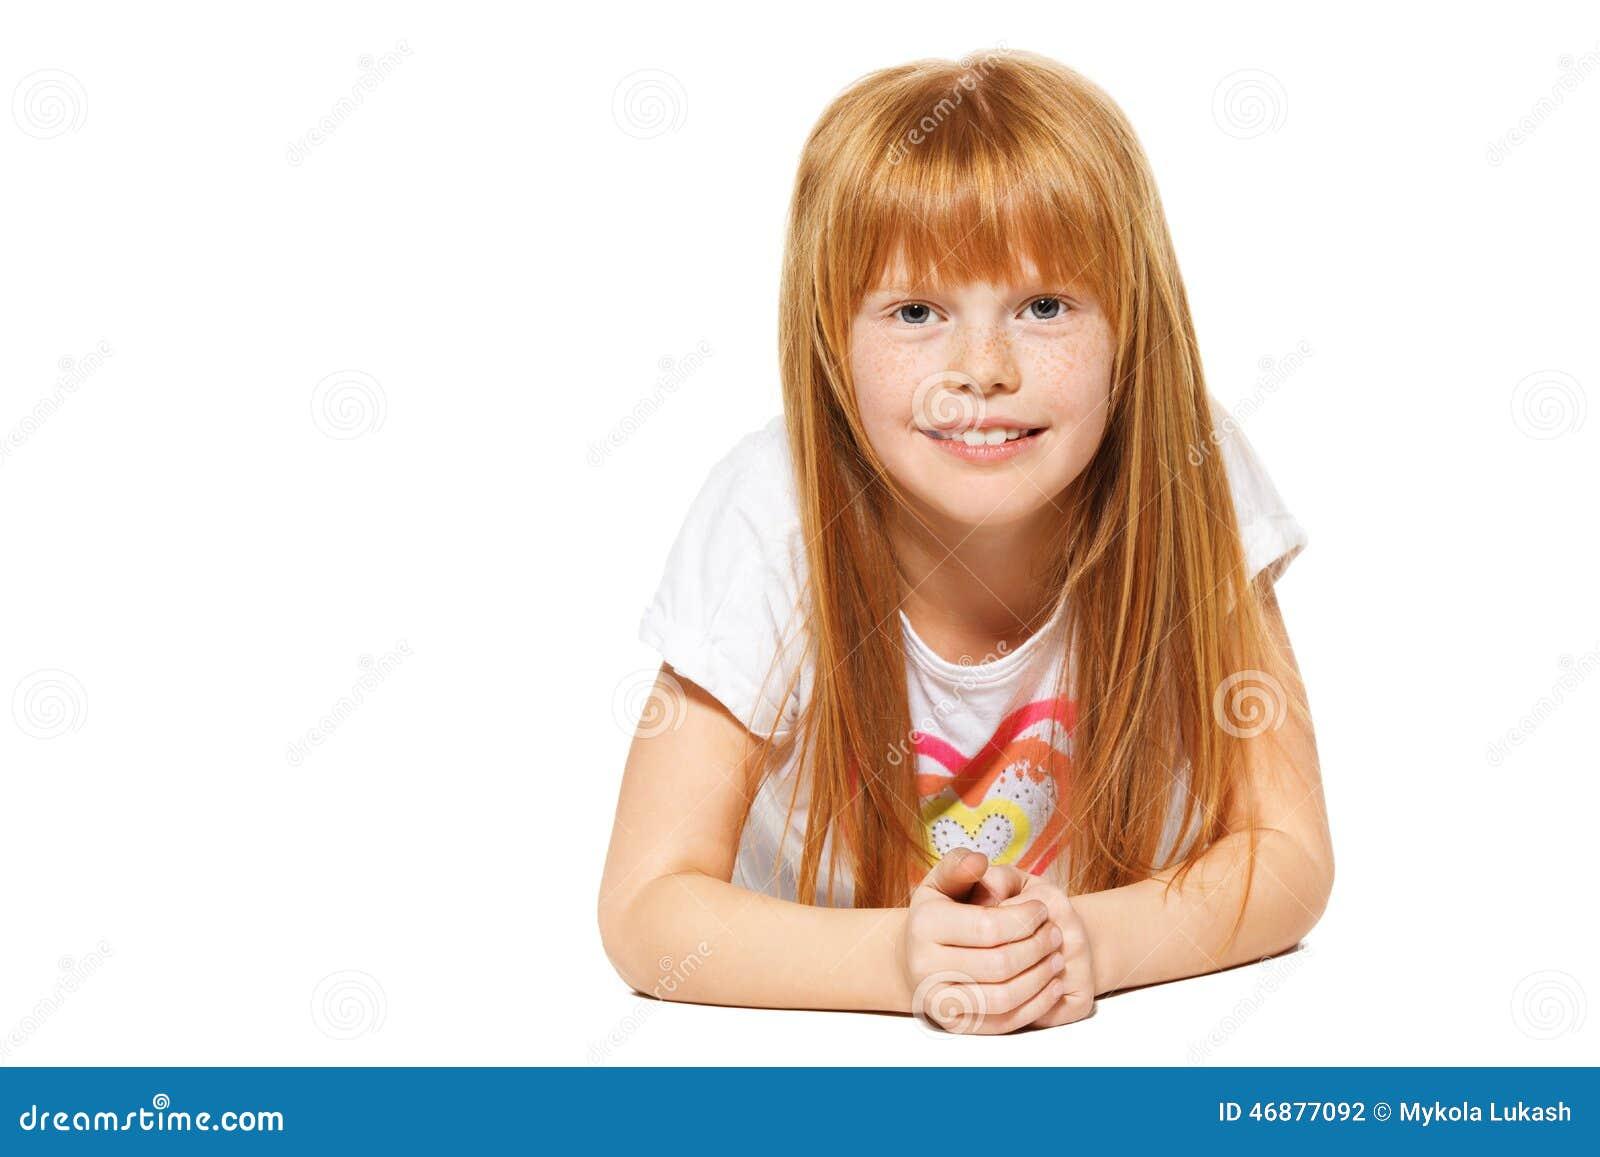 Een vrolijk meisje met rood haar ligt; geïsoleerd op het wit